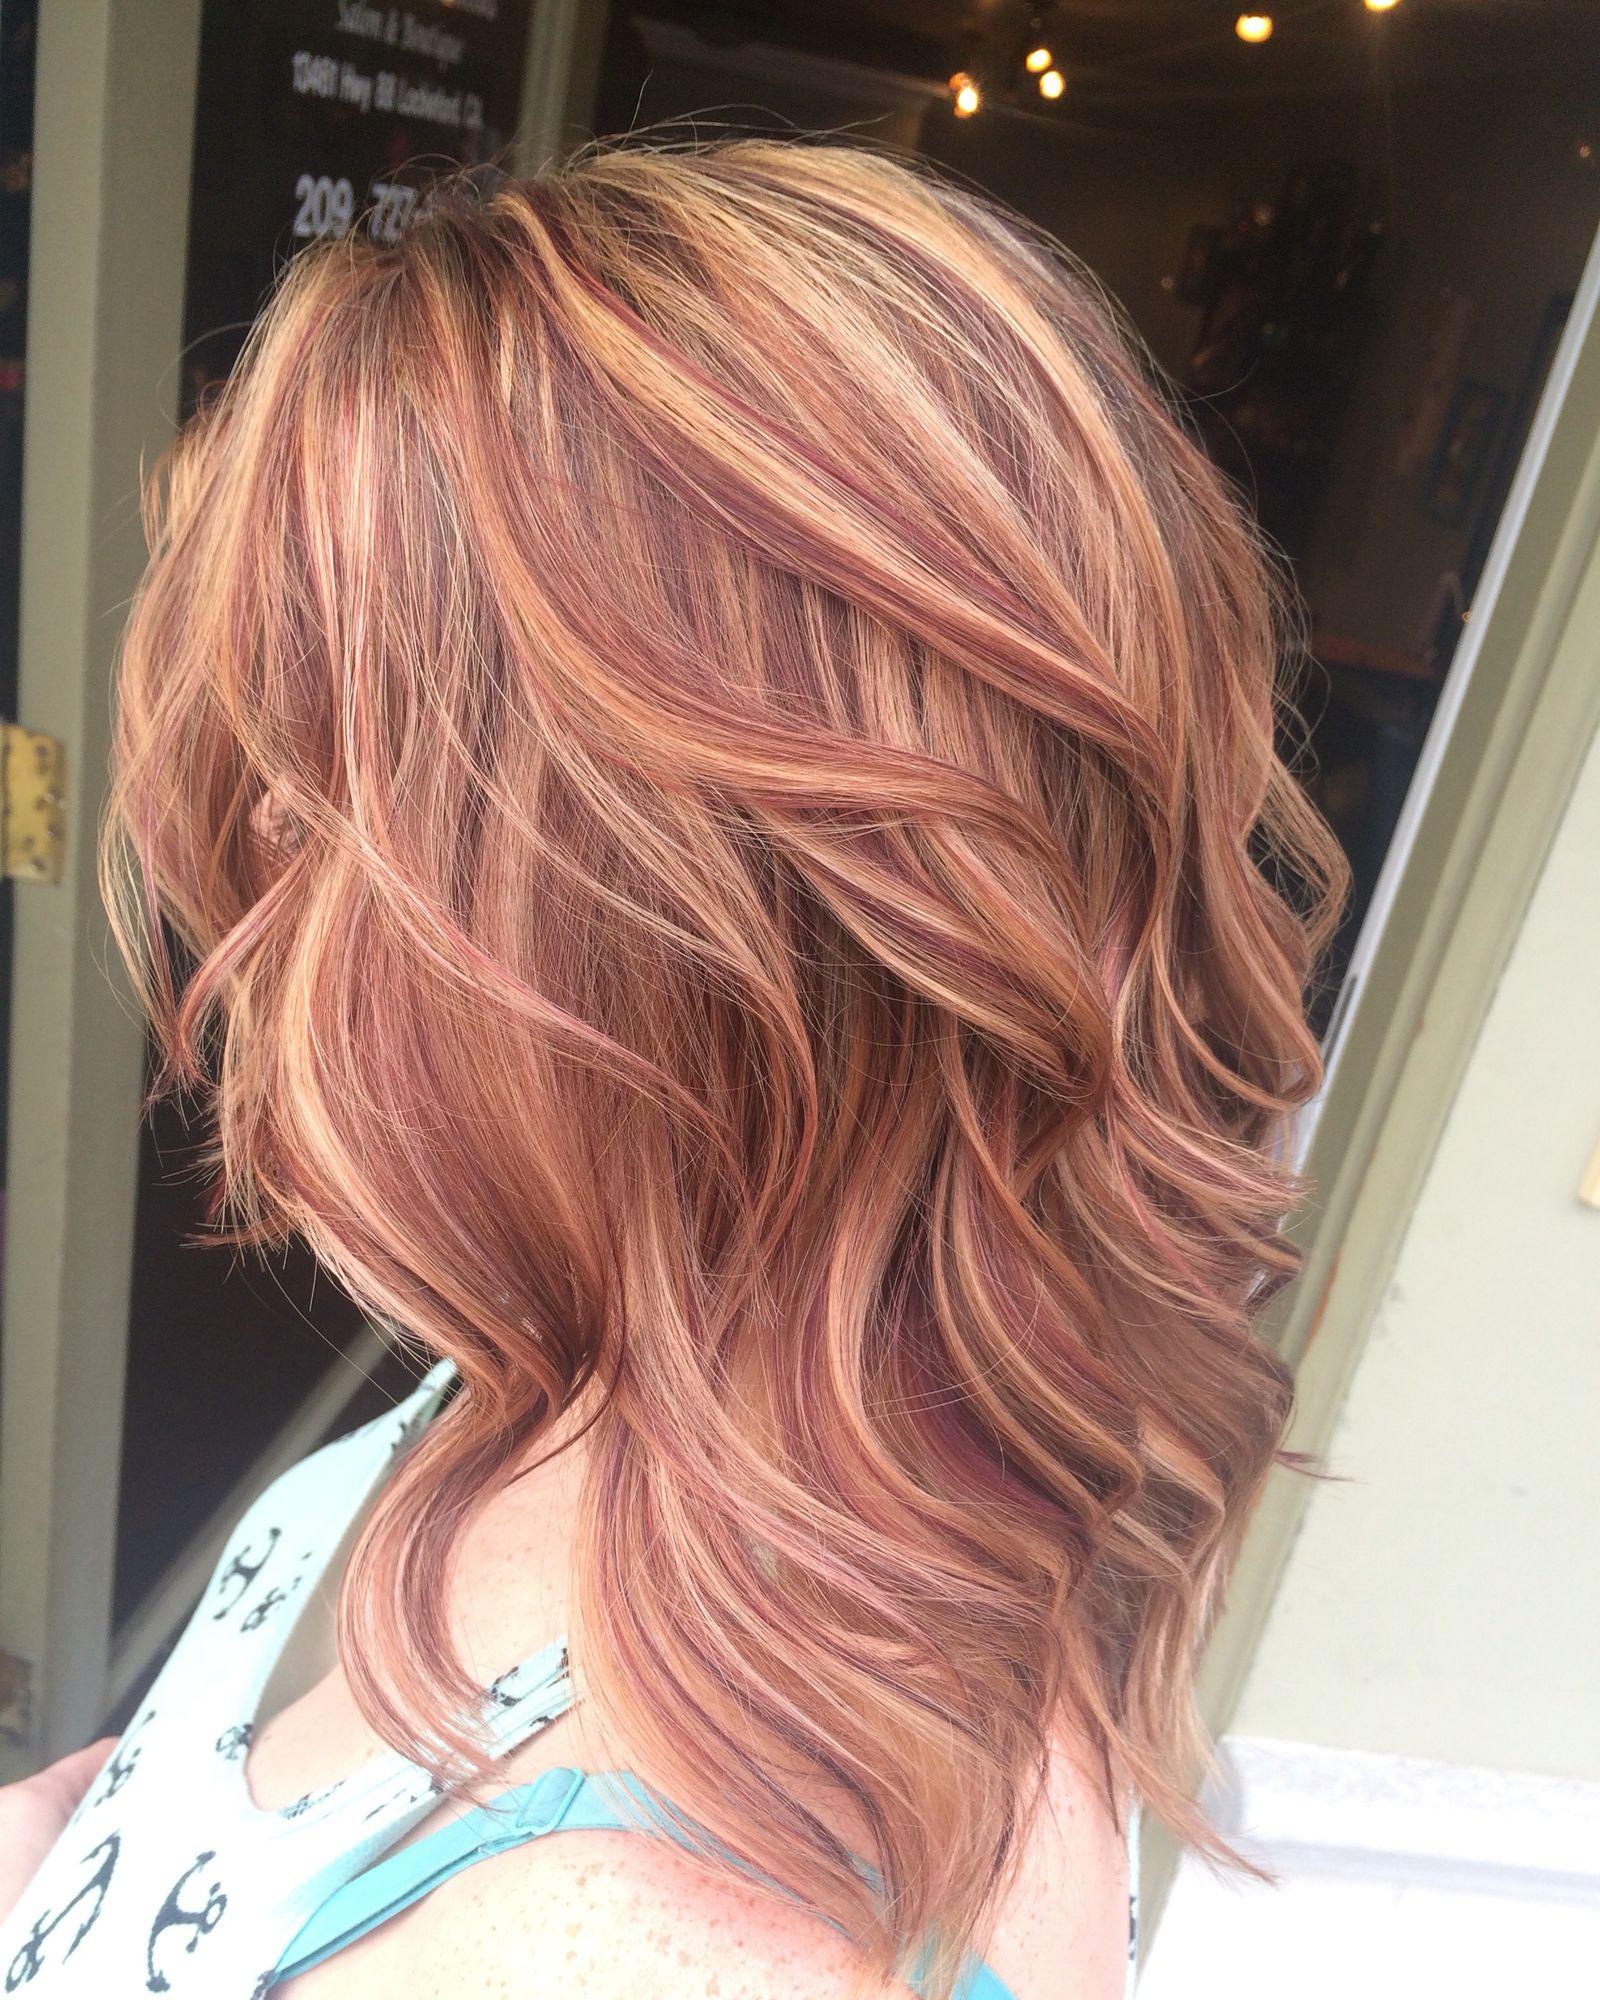 Blonde Hair Red Hair Medium Hair Caramel Blonde Hair Hair Color